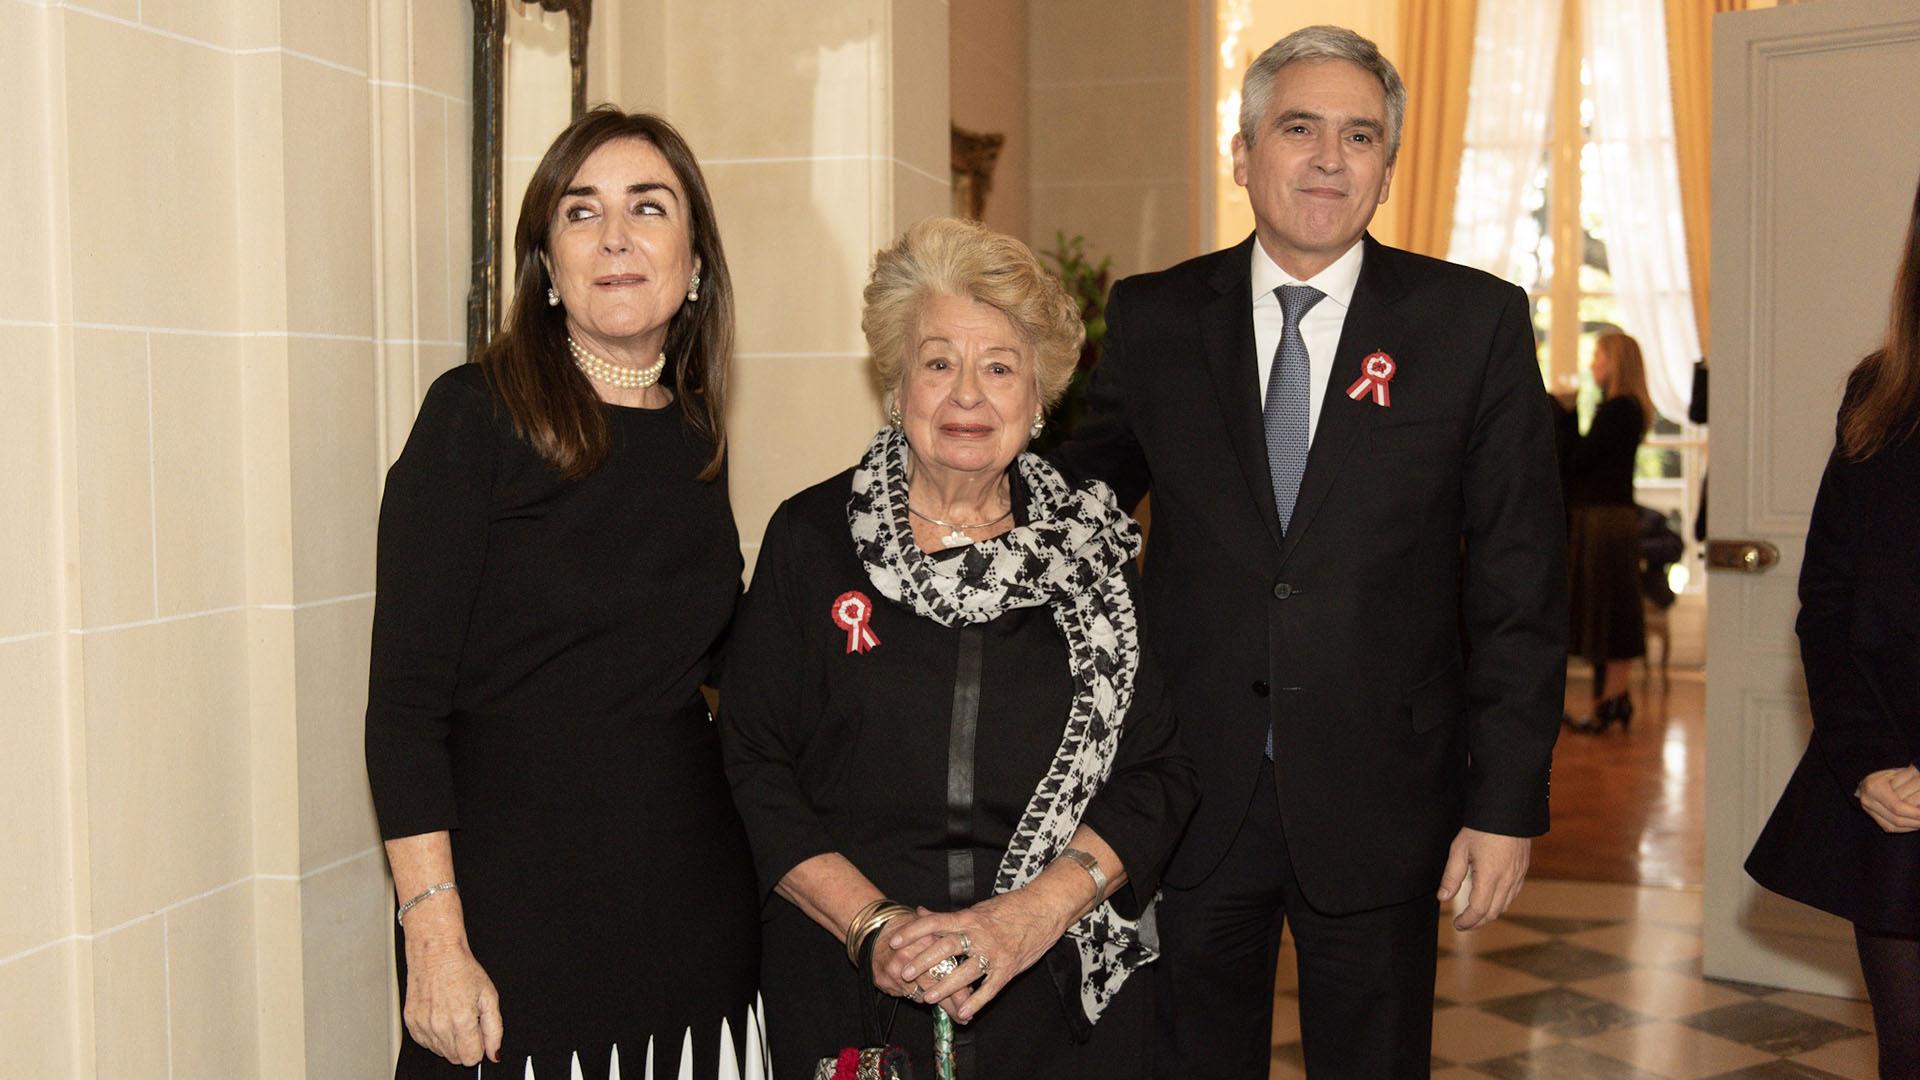 Carmen Callirgos de Steinmann, presidenta de la asociación sin fines de lucro Damas Peruanas en Argentina